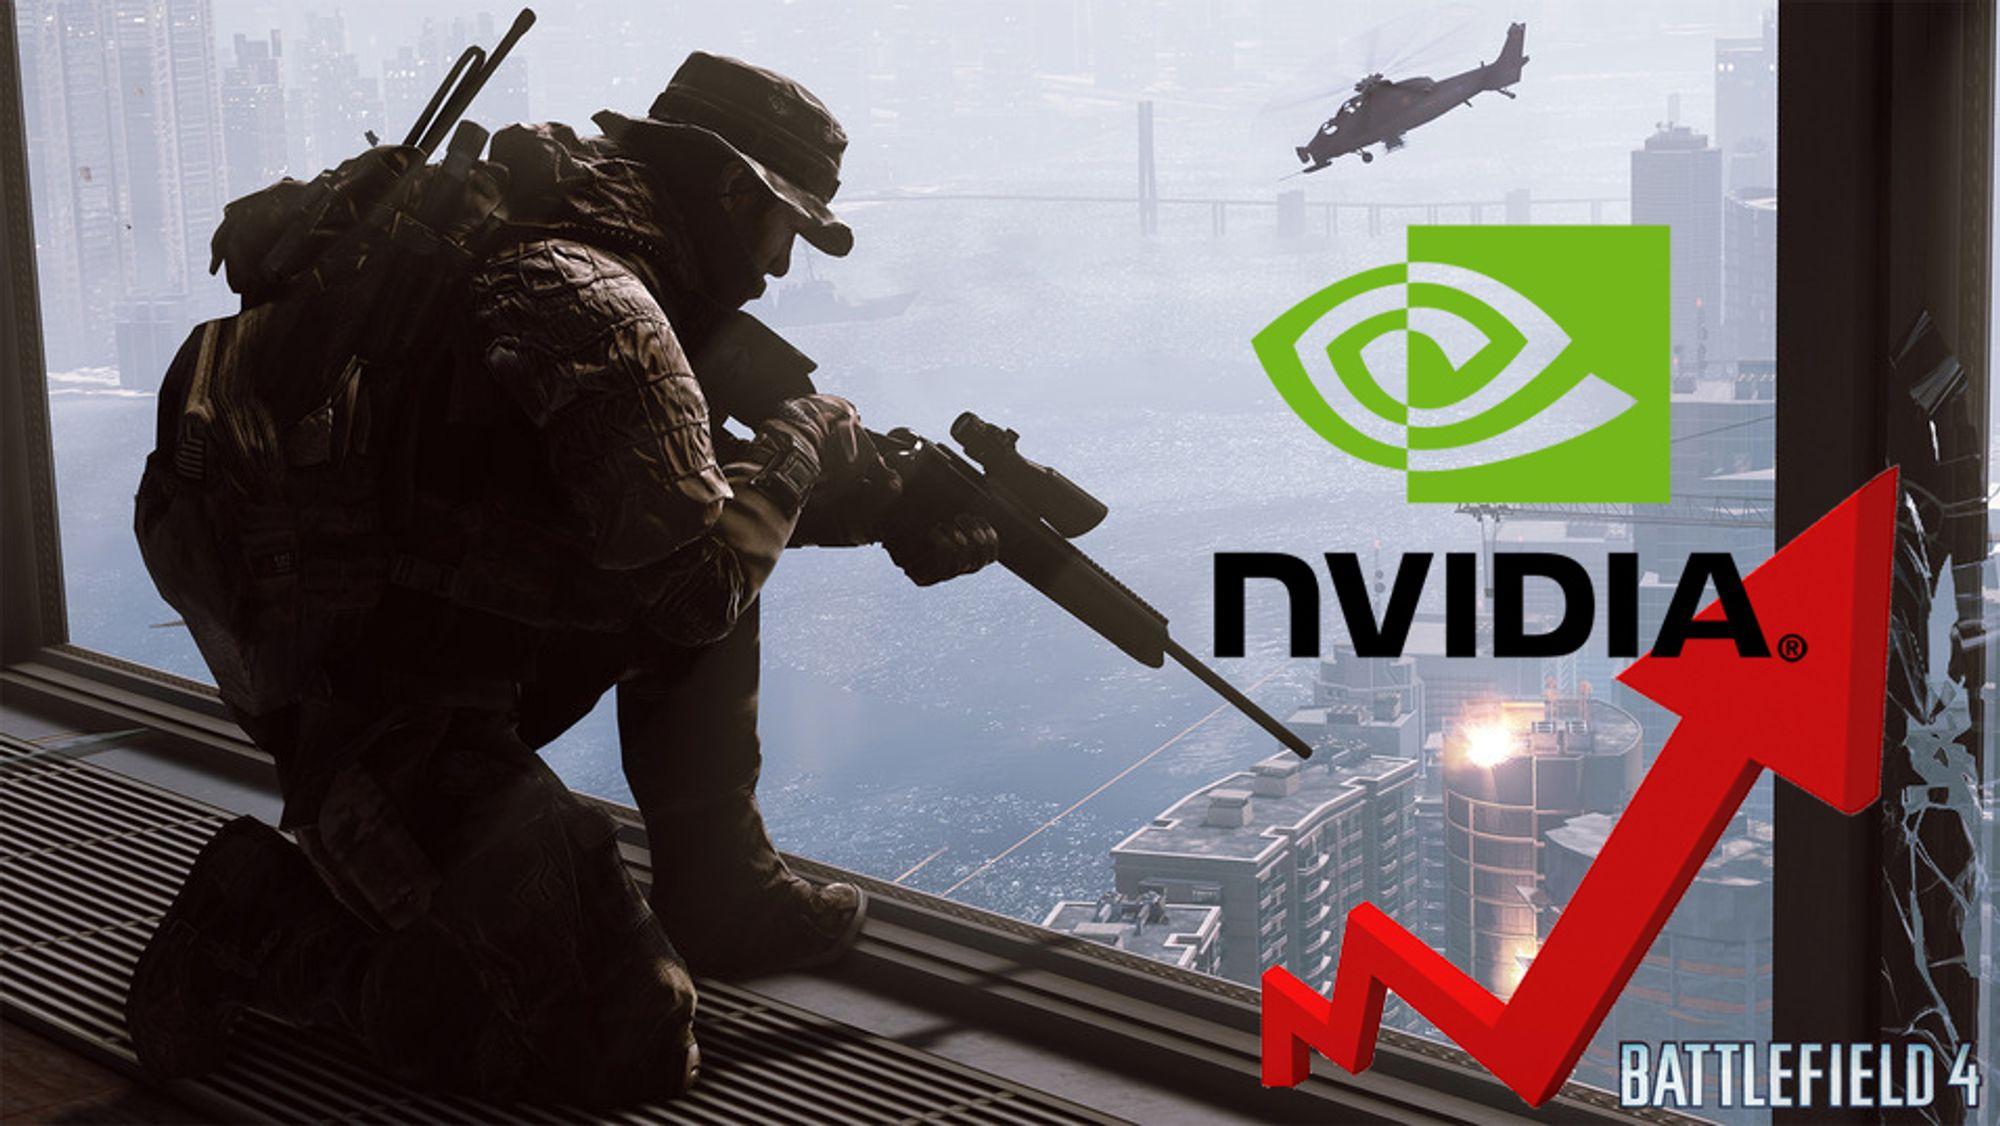 Nye drivere lover bedre ytelse, blant annet i Battlefield 4